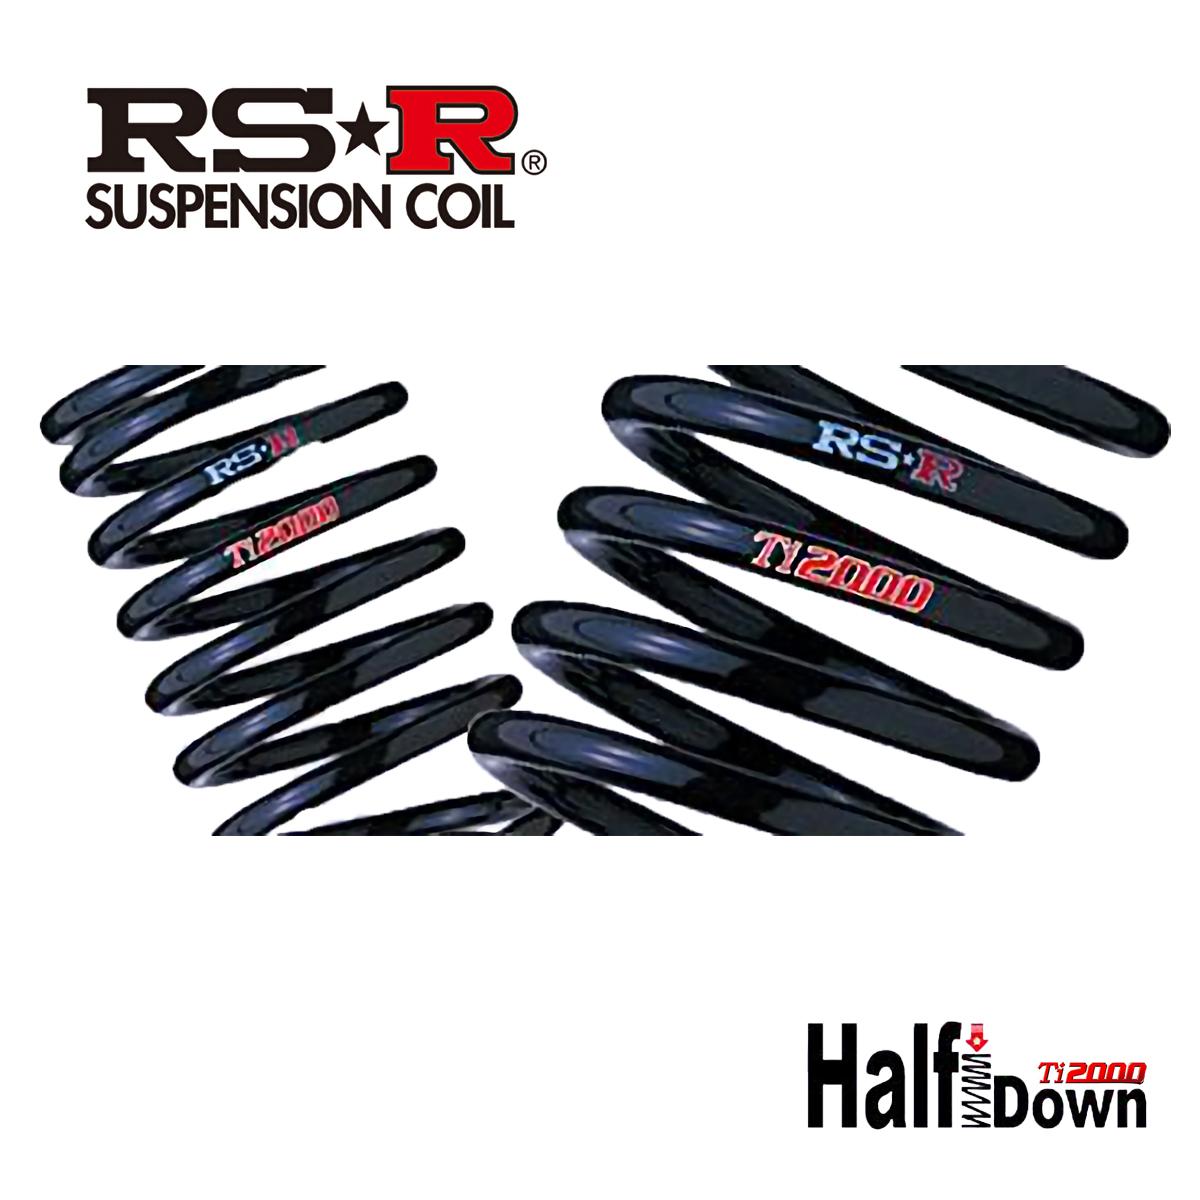 RS-R レクサス GS F URL10 ダウンサス スプリング 1台分 T999TD Ti2000 ダウン RSR 個人宅発送追金有